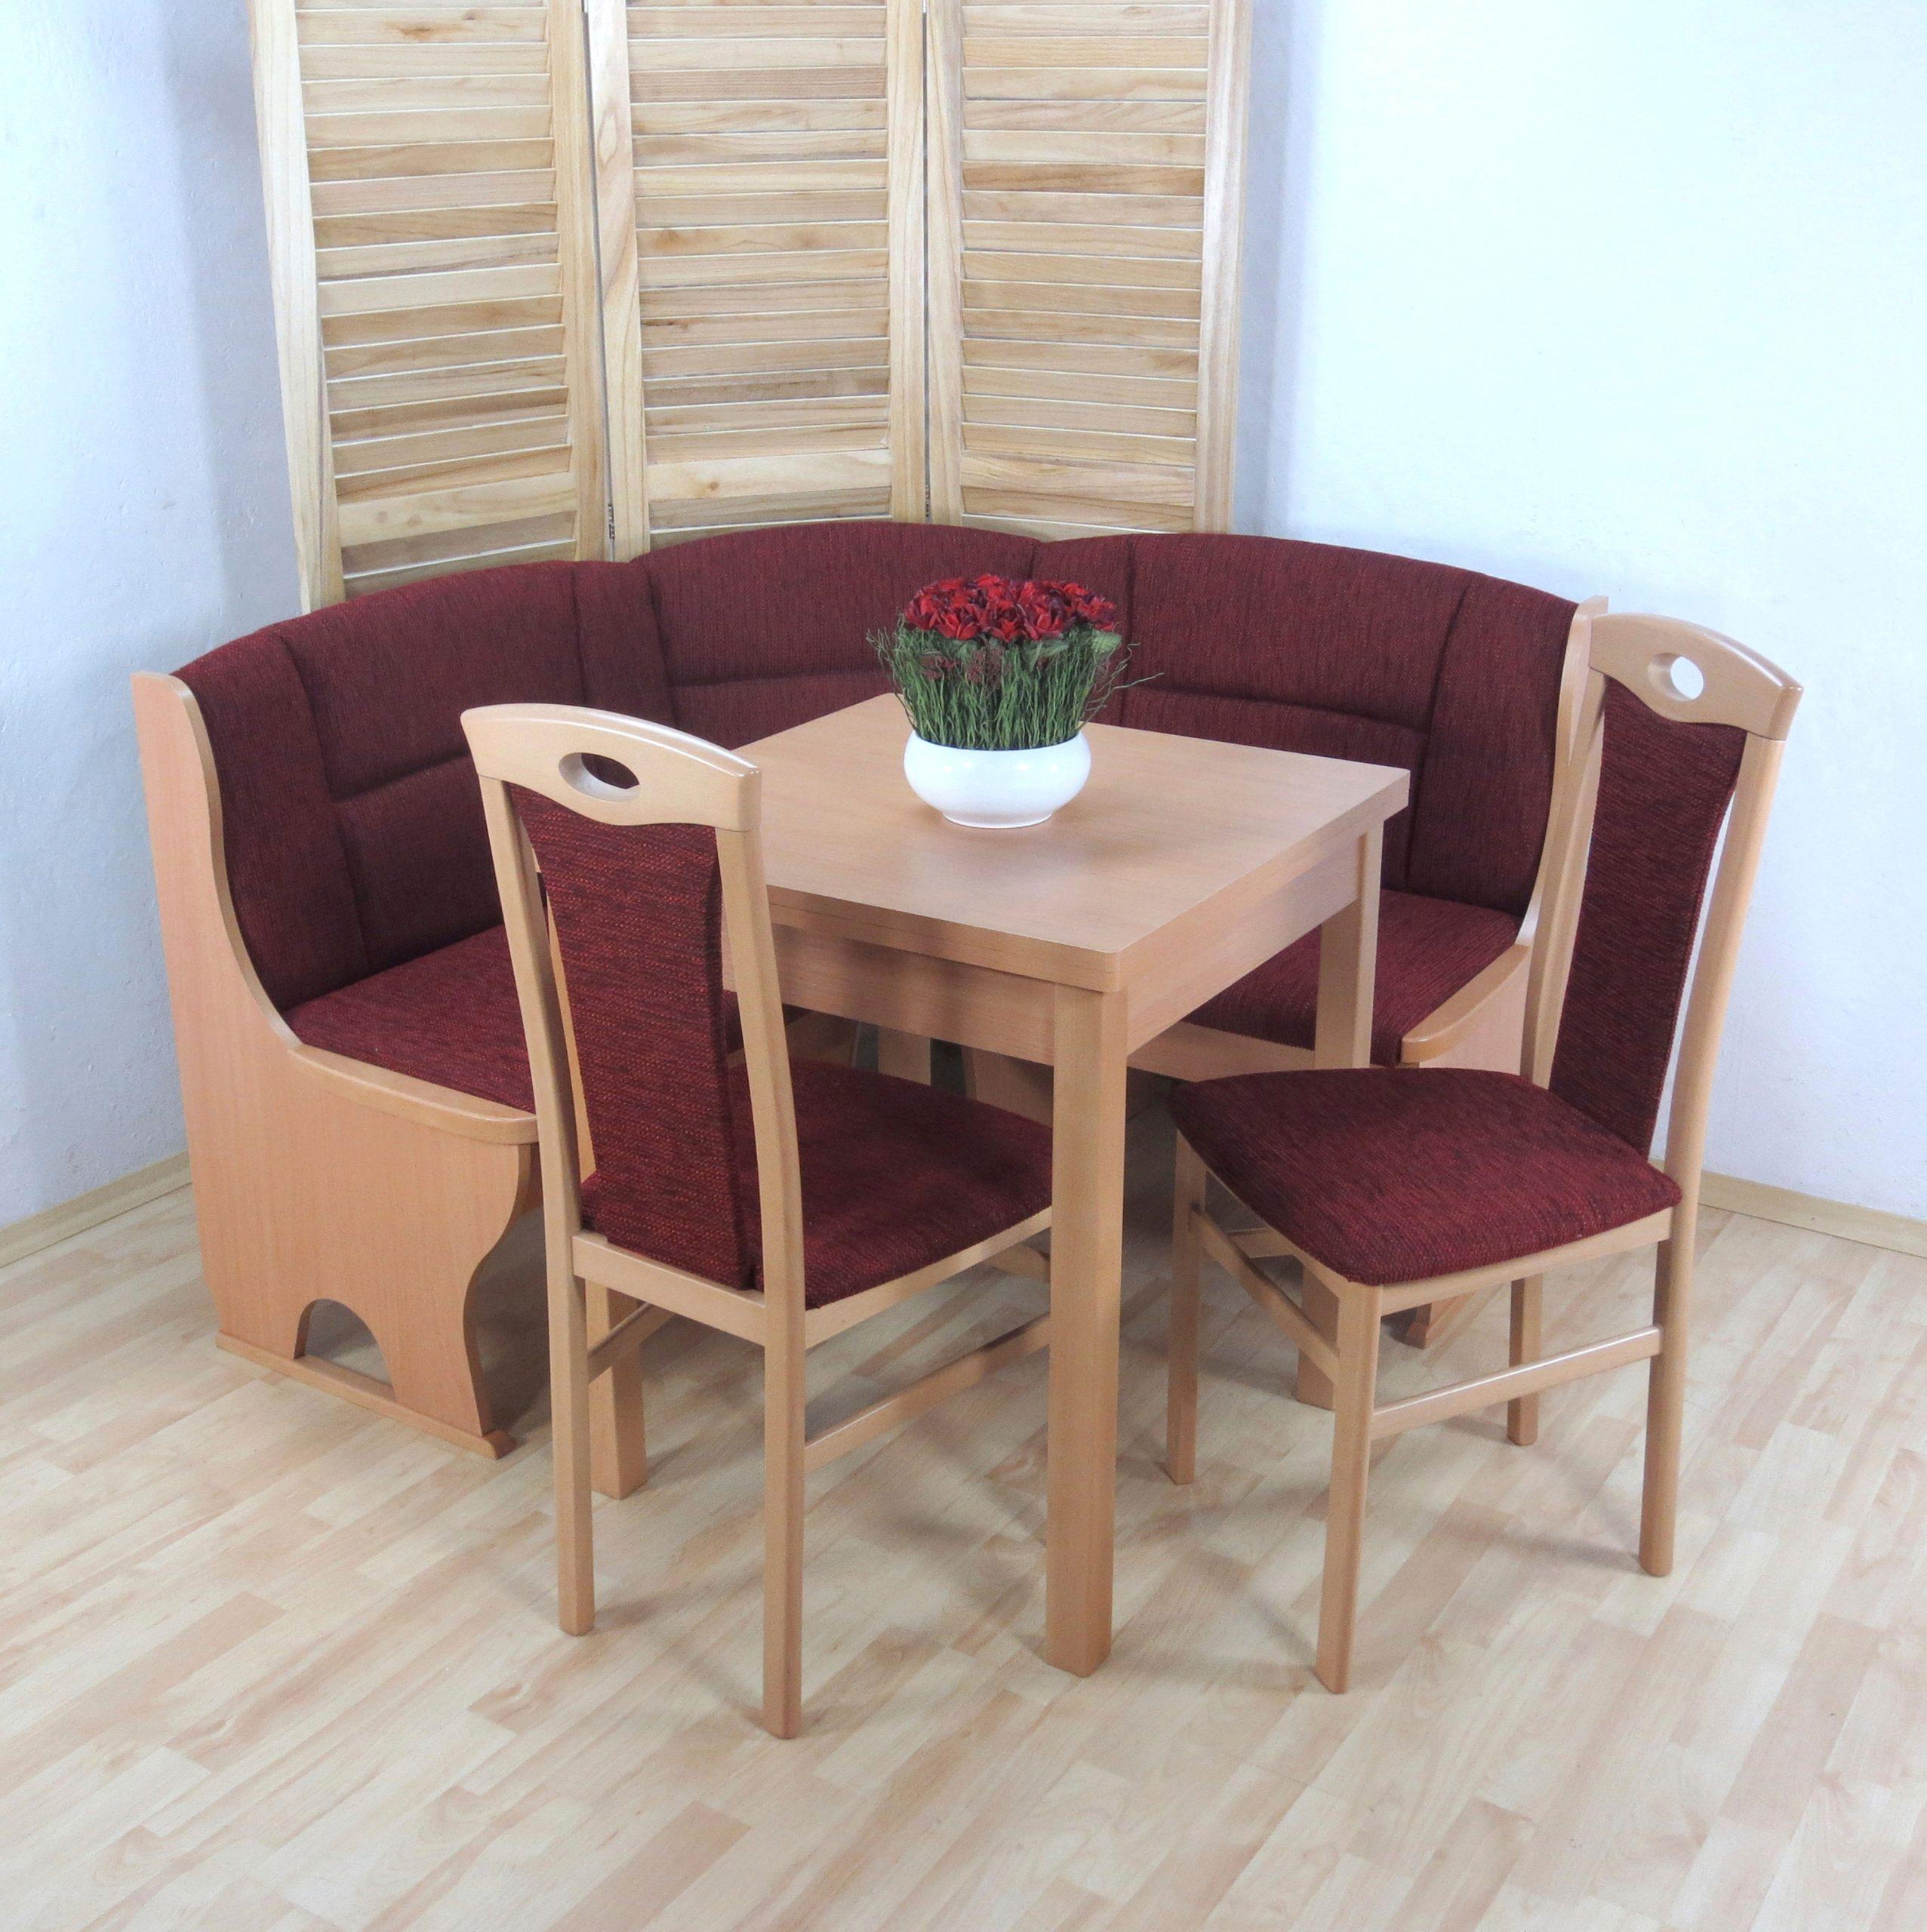 Full Size of Ikea Küche Kosten Miniküche Betten Bei Kaufen 160x200 Eckbank Garten Modulküche Sofa Mit Schlaffunktion Wohnzimmer Eckbank Ikea